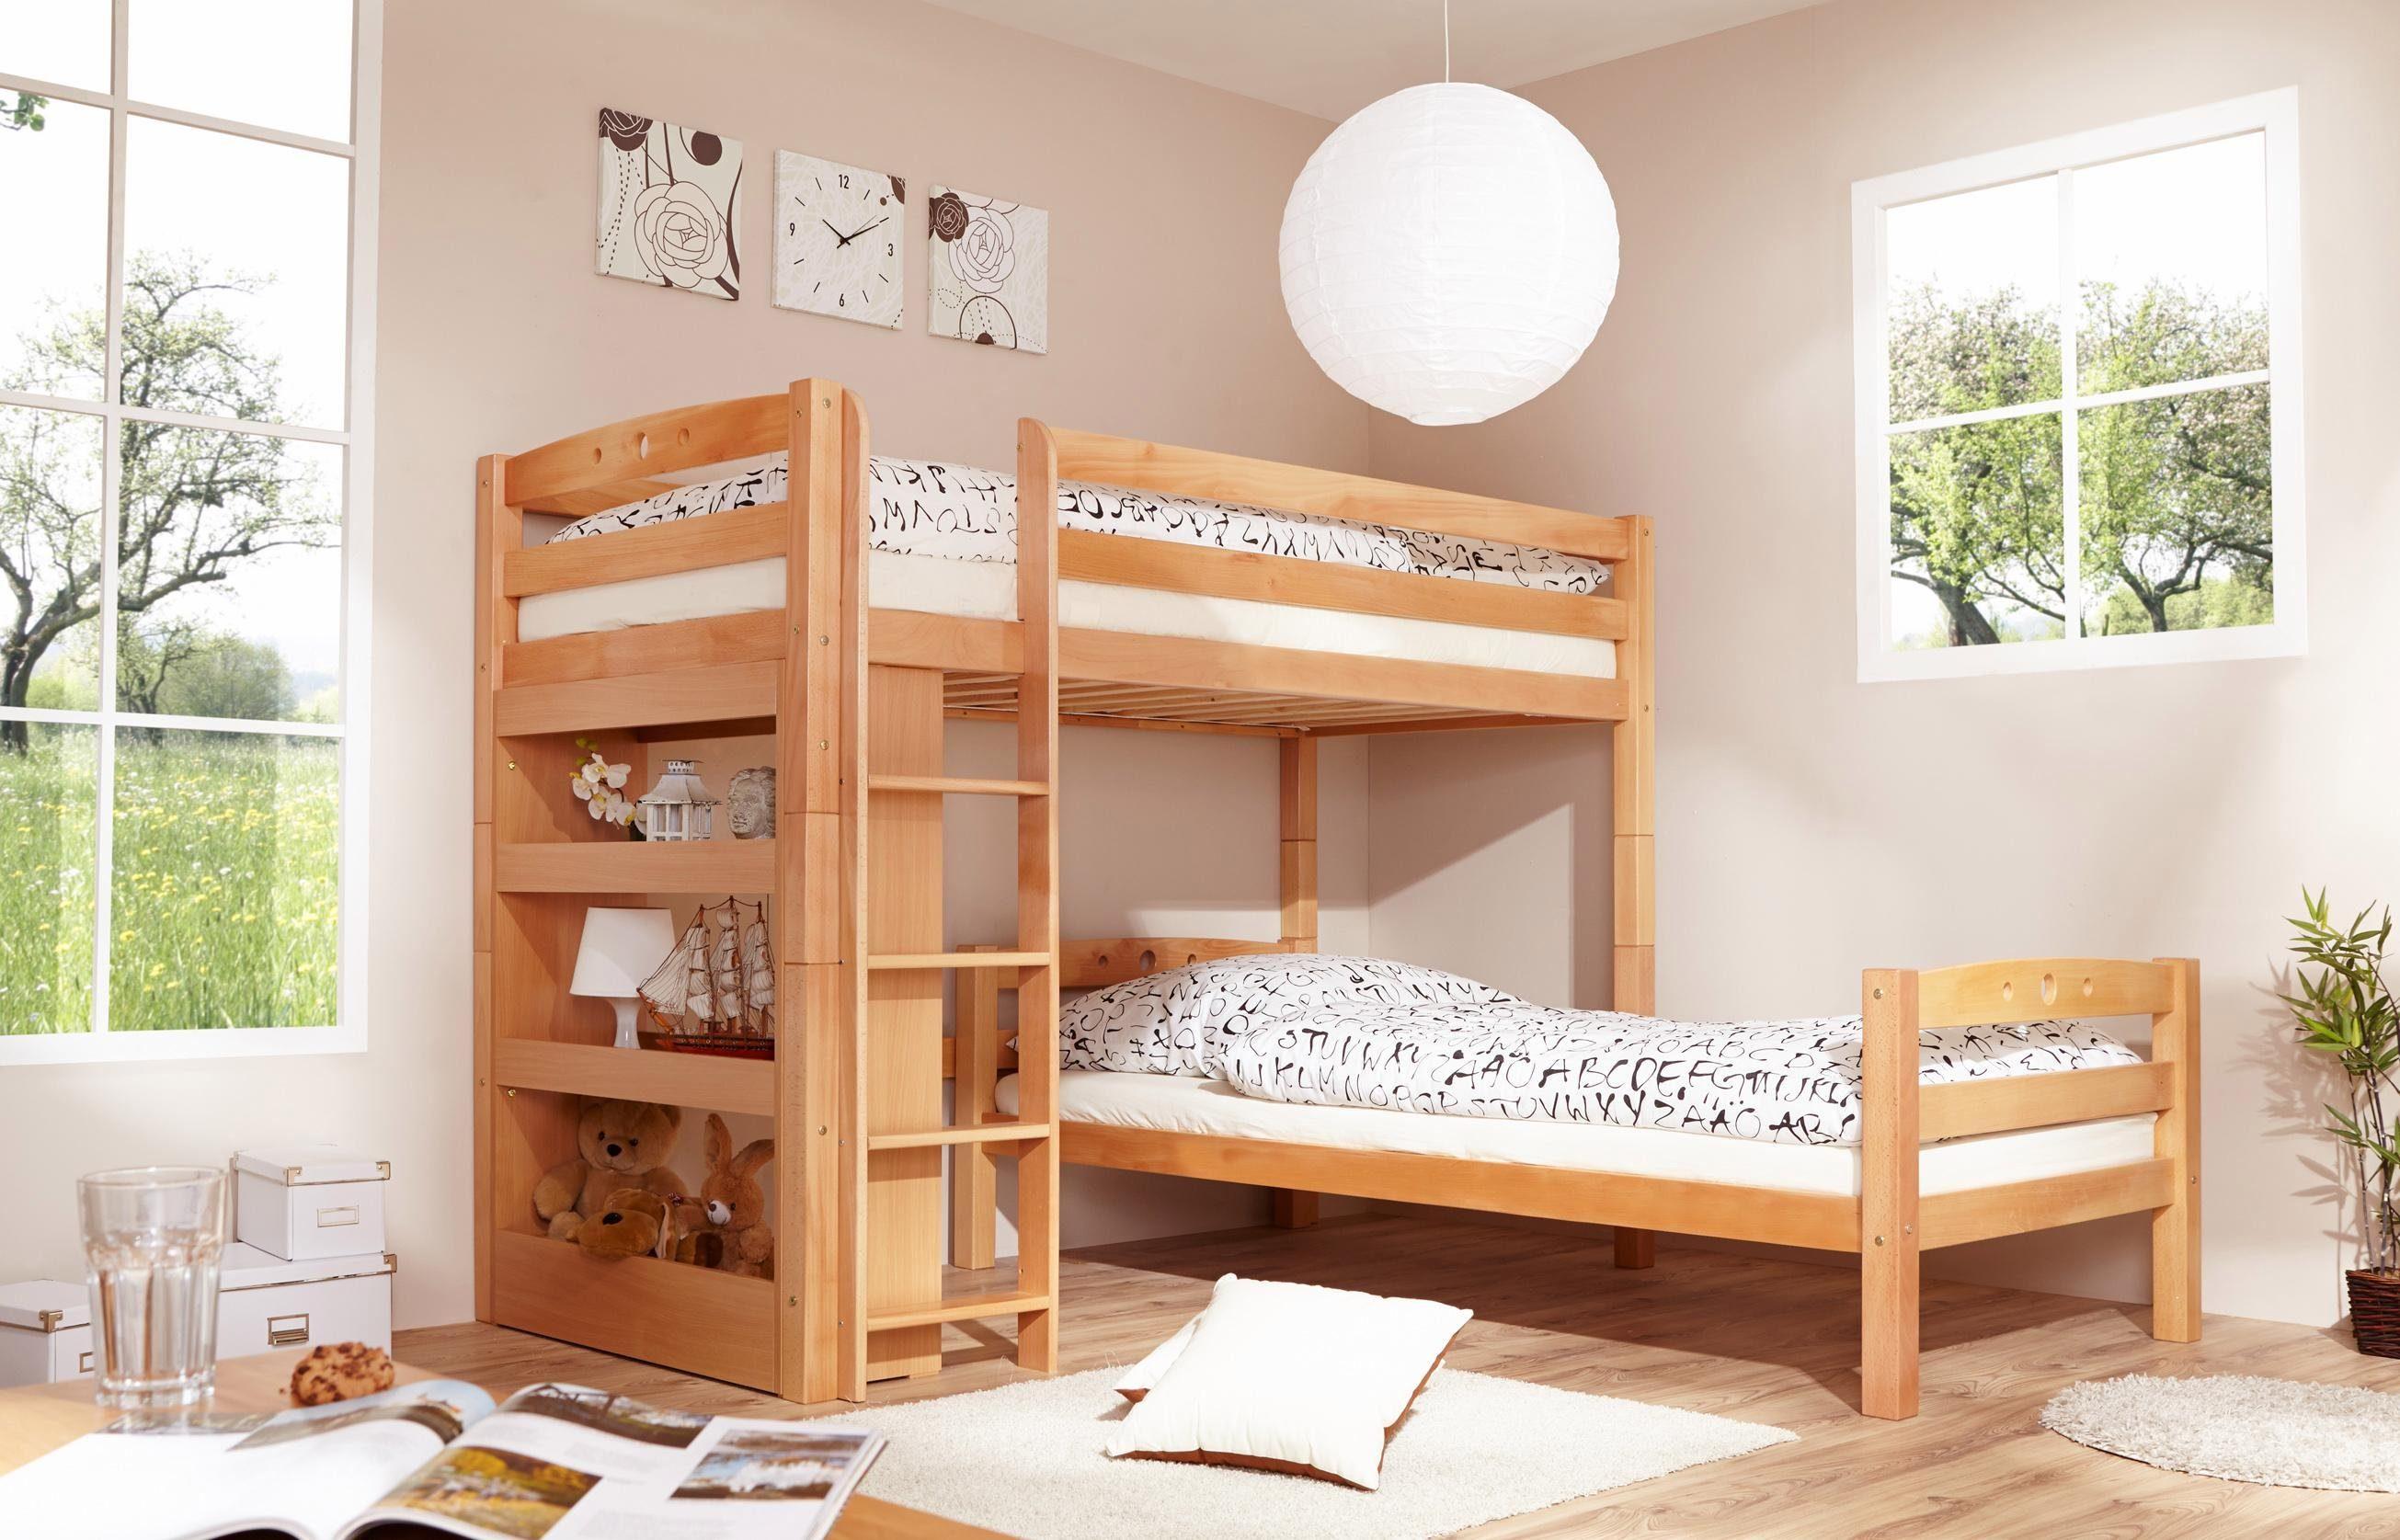 Etagenbett Otto : Ticaa einzel etagenbett buche lupo« kaufen otto